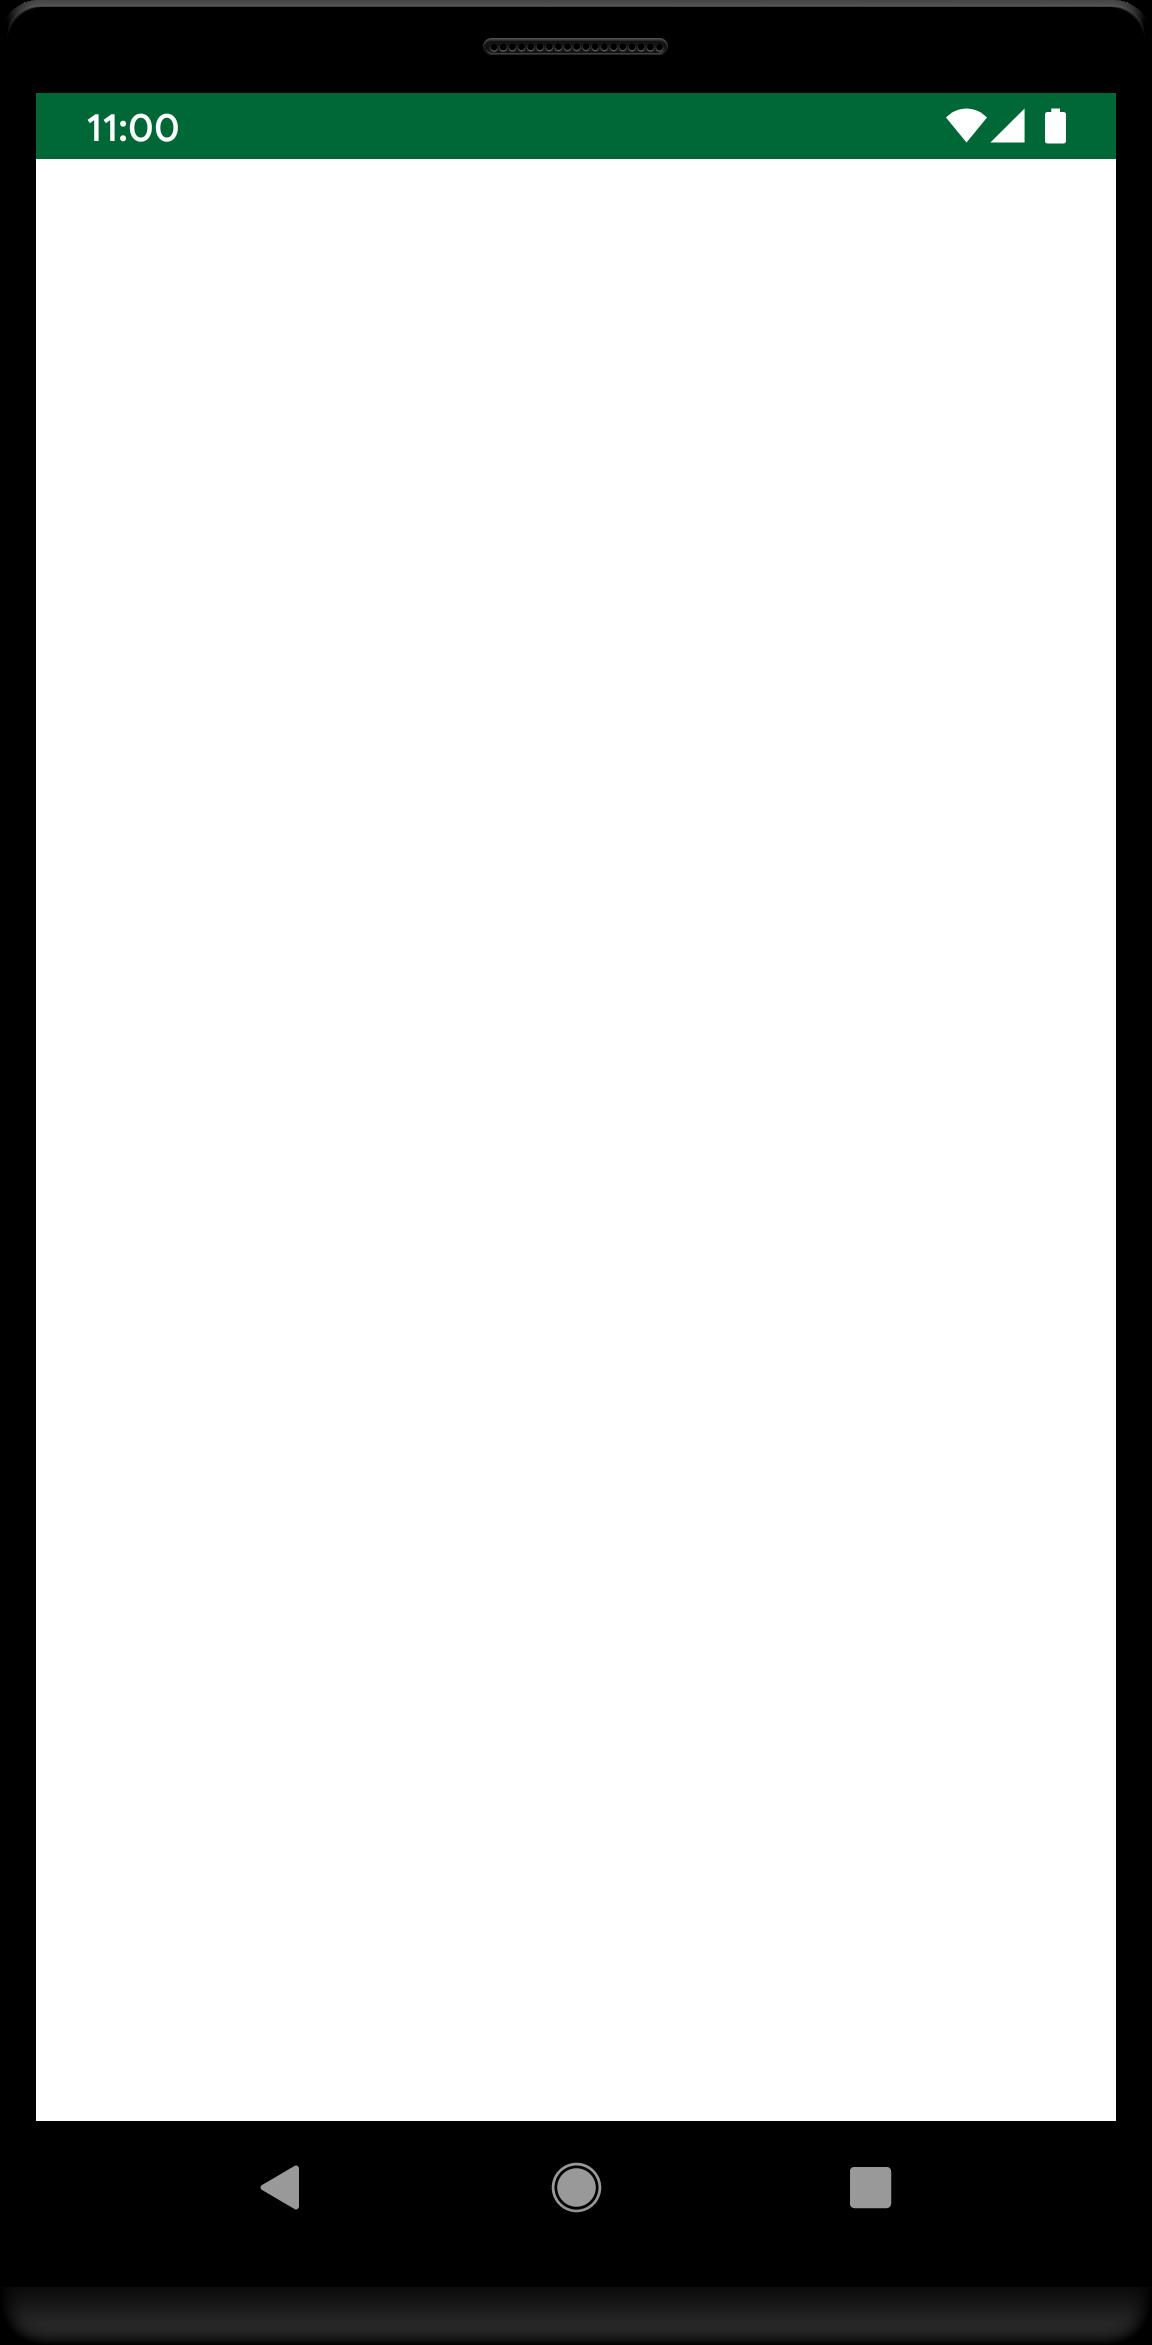 Empty Notes Screens